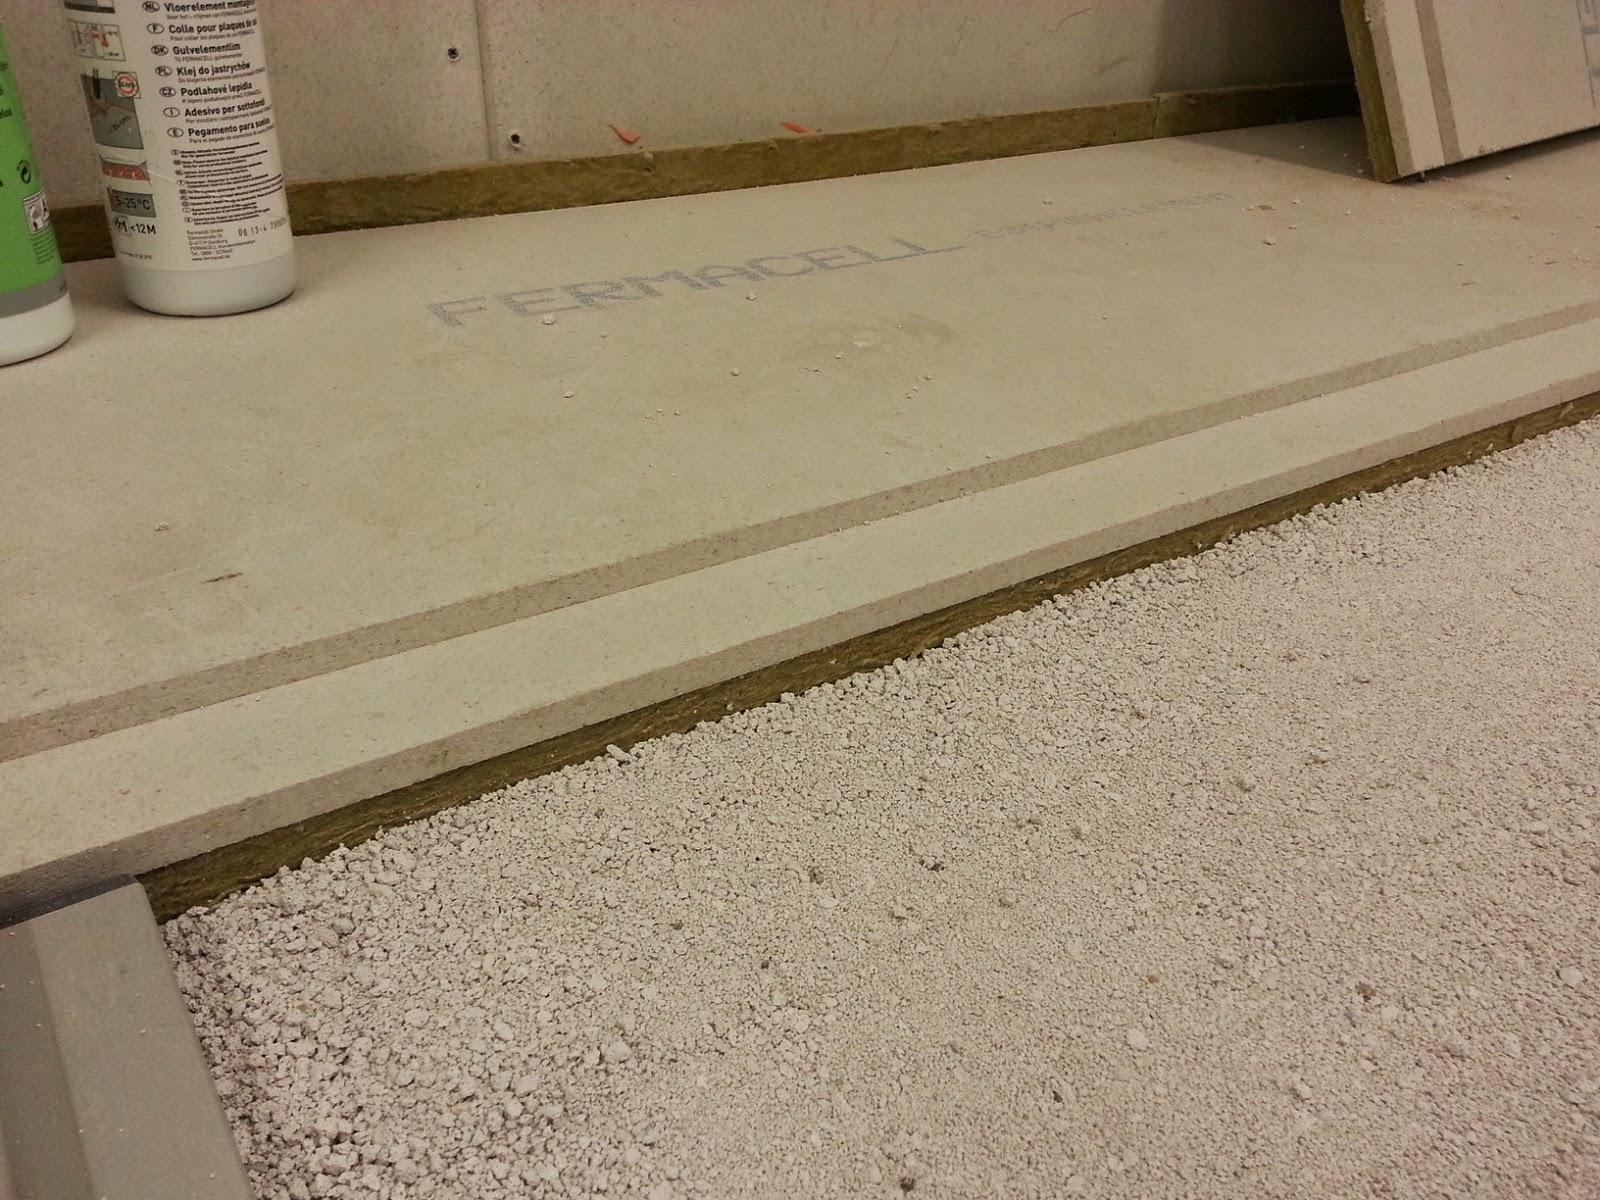 Przykładowy suchy jastrych wraz z warstwą wibroizolacji na podkładzie wyrównującym